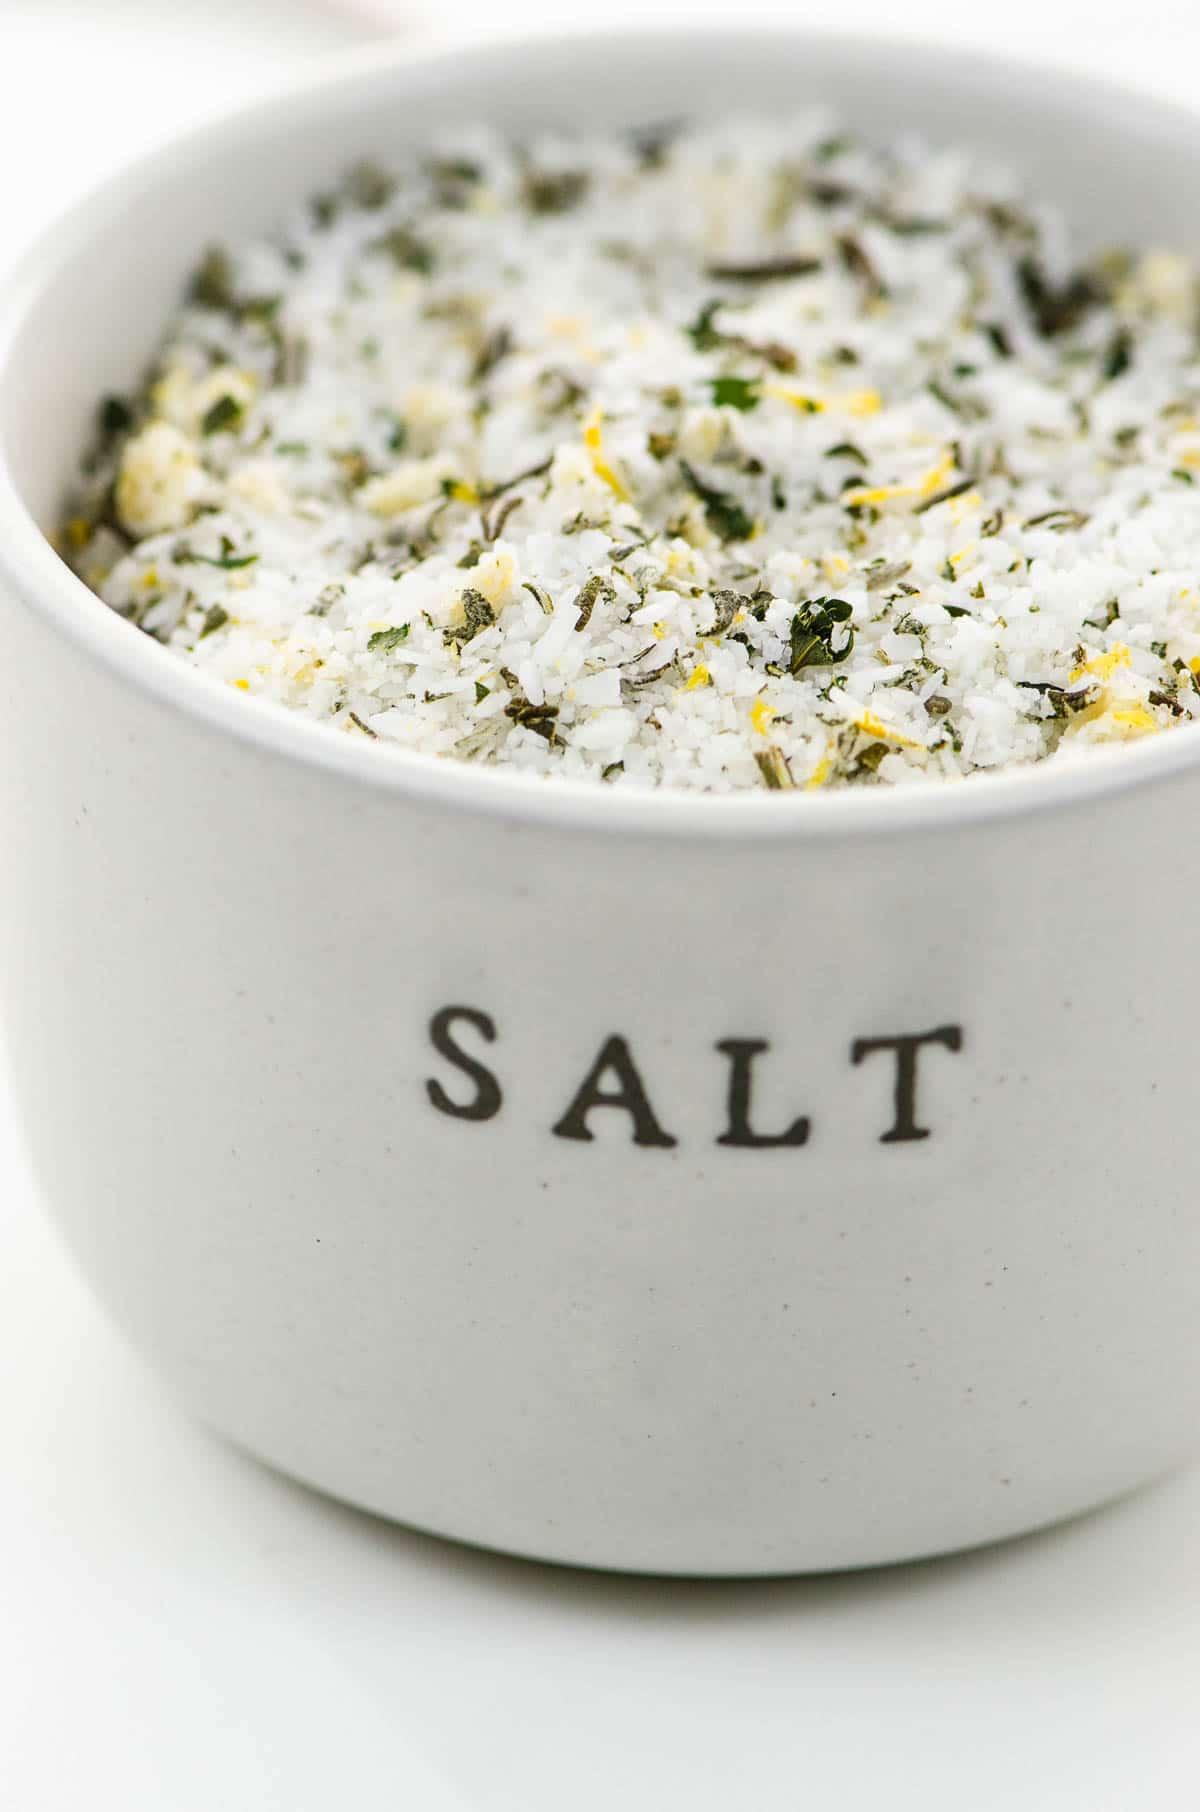 Herb salt in a ceramic crock